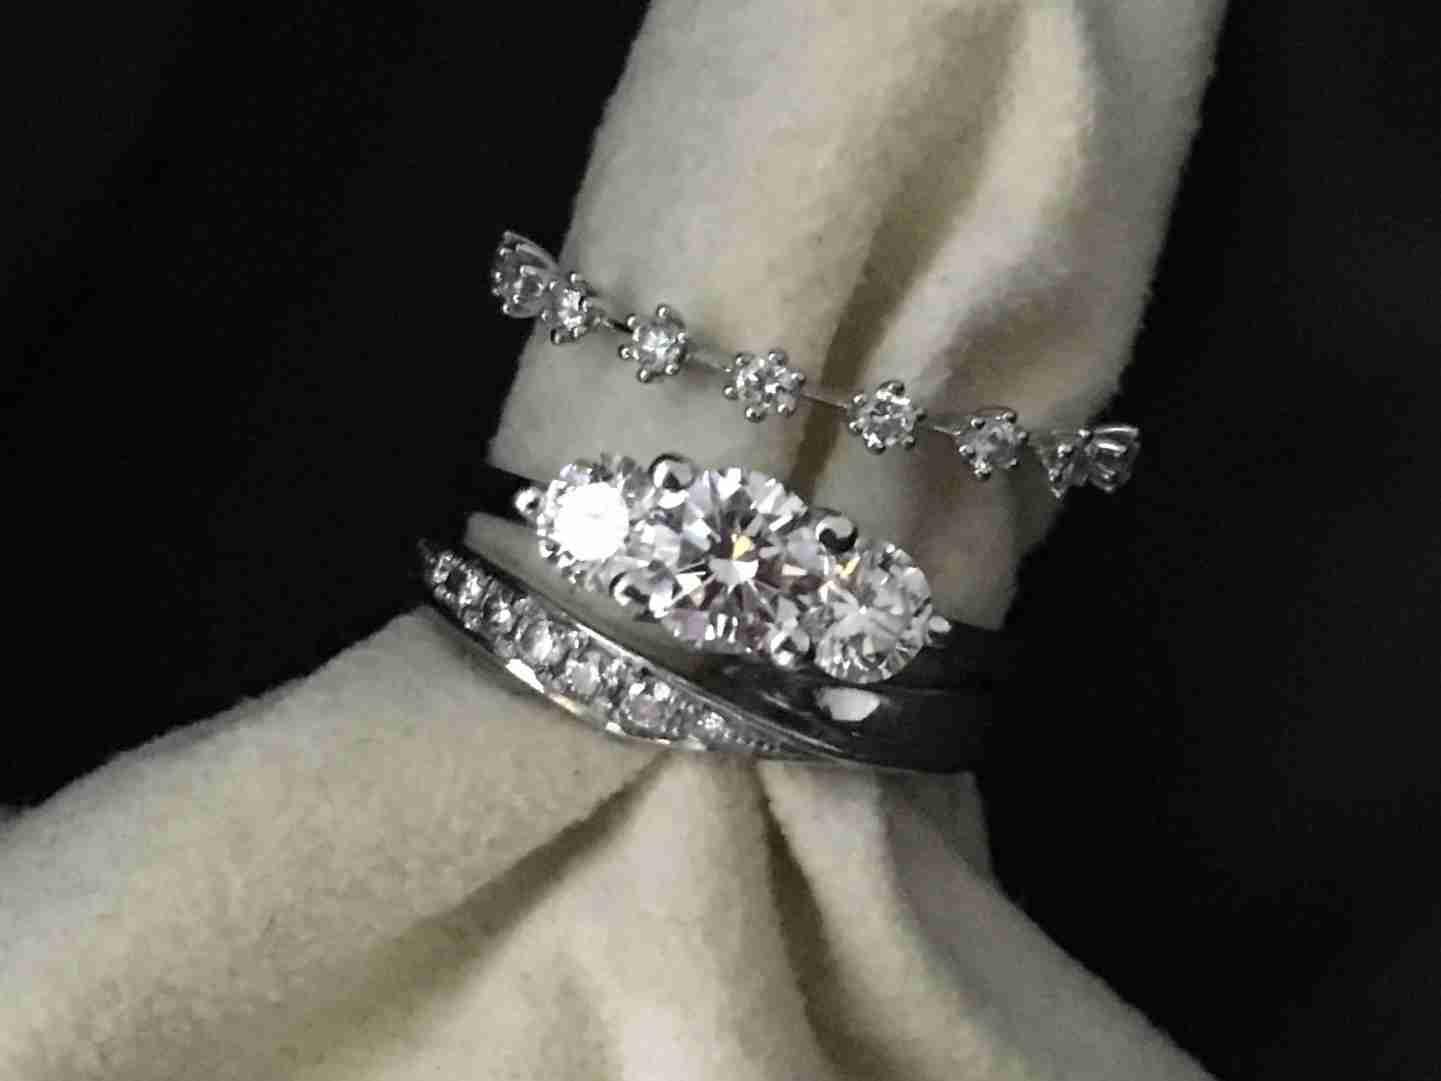 重ね付けの指輪が見たい。